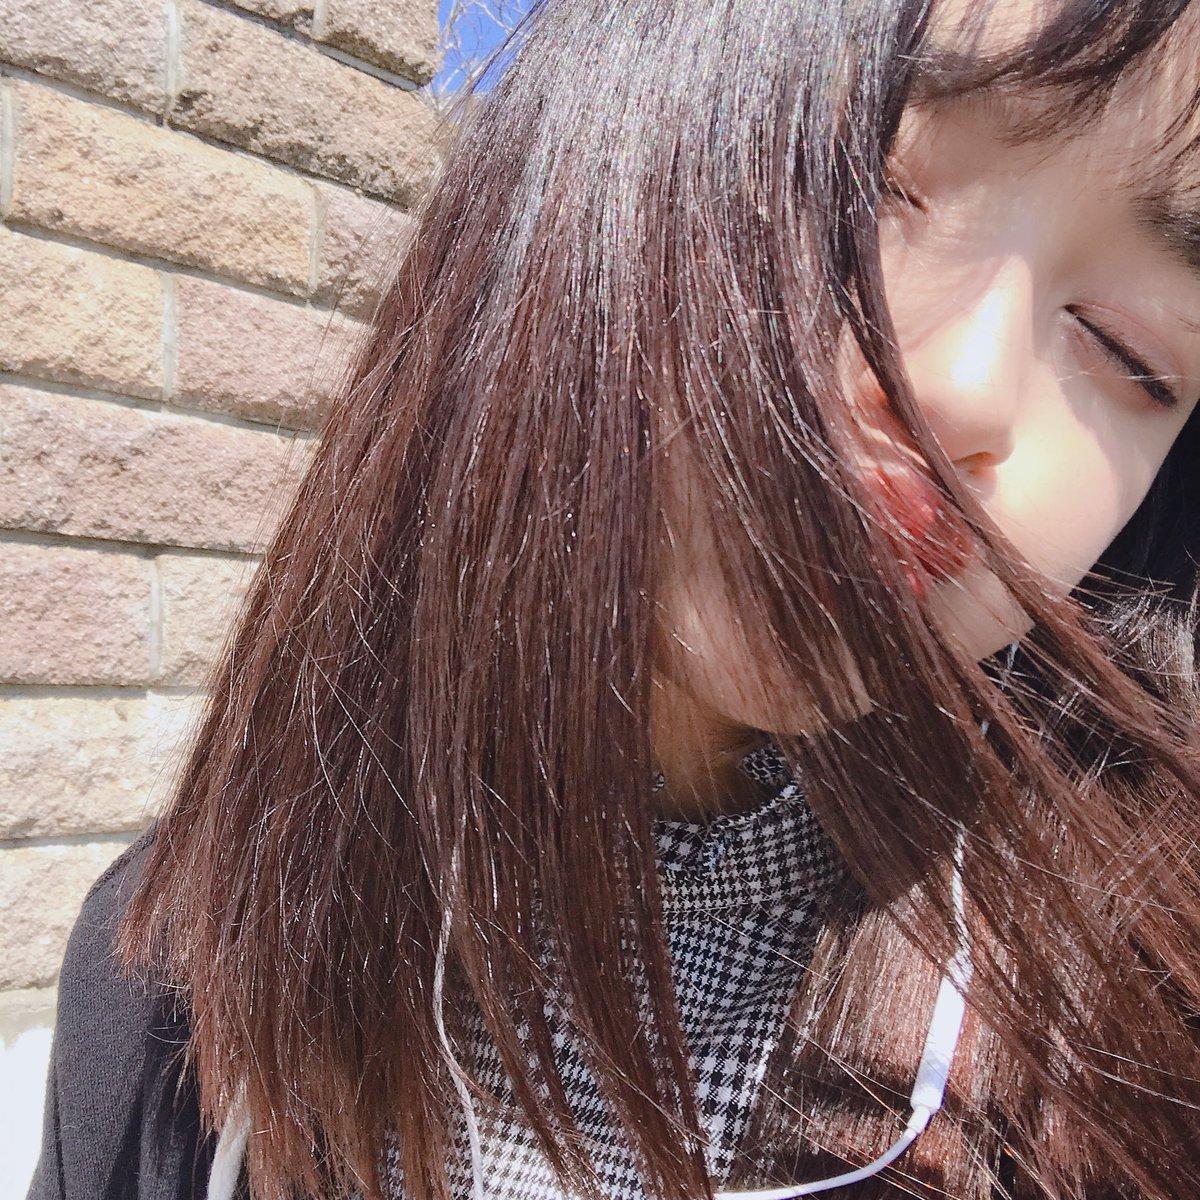 エリカ・マリナ姉妹 画像 021